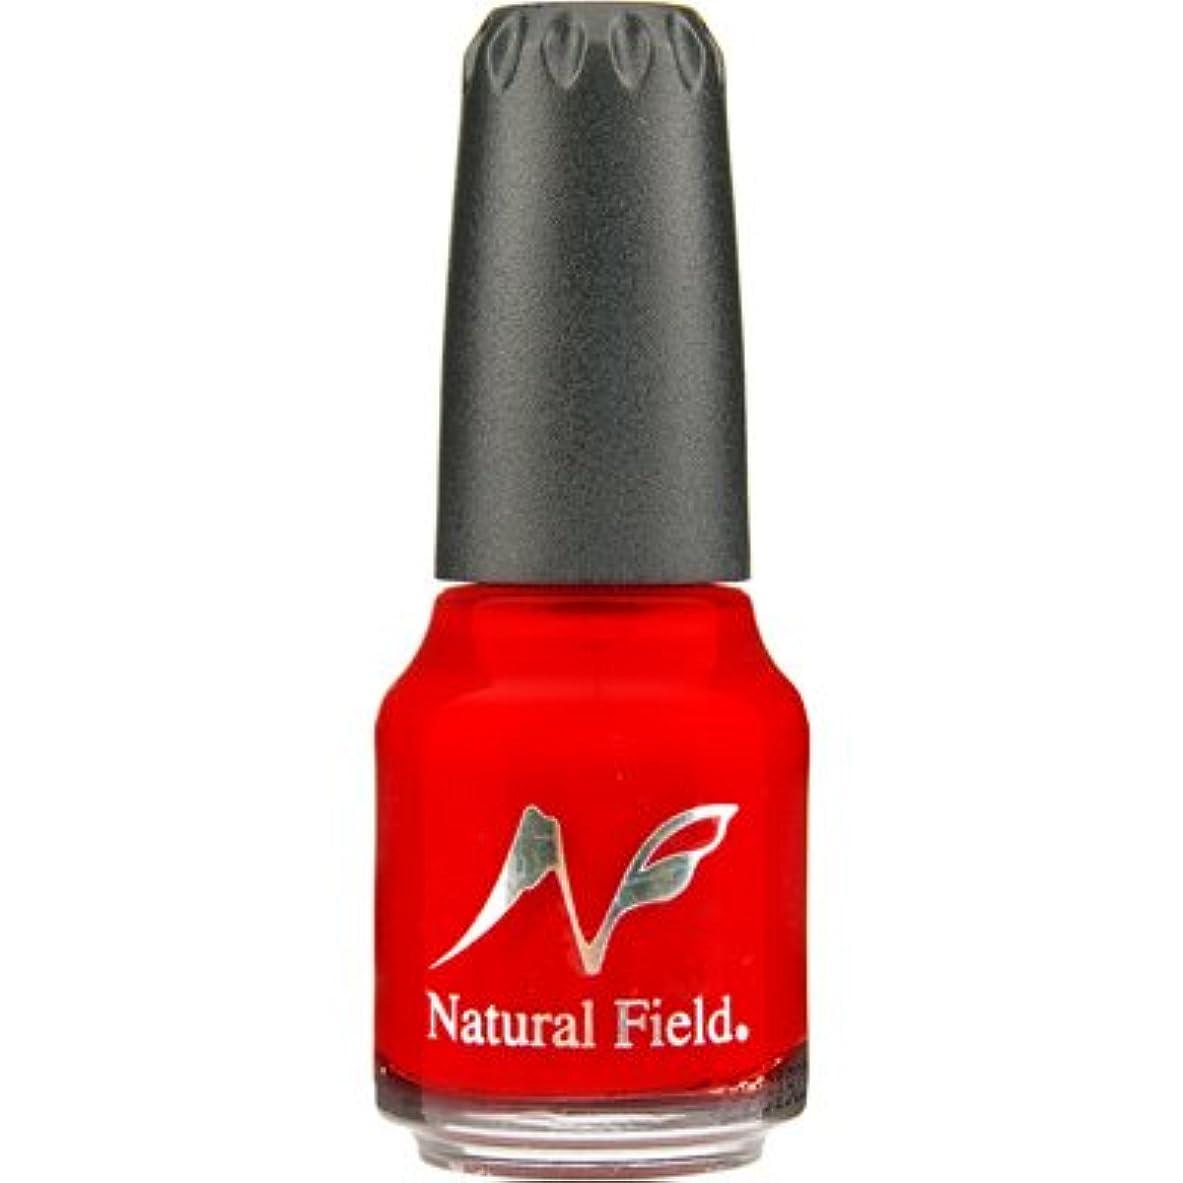 怒ってフレア電気のNatural Field ネイルポリッシュ 2666 5RED(検定カラー) 12ml